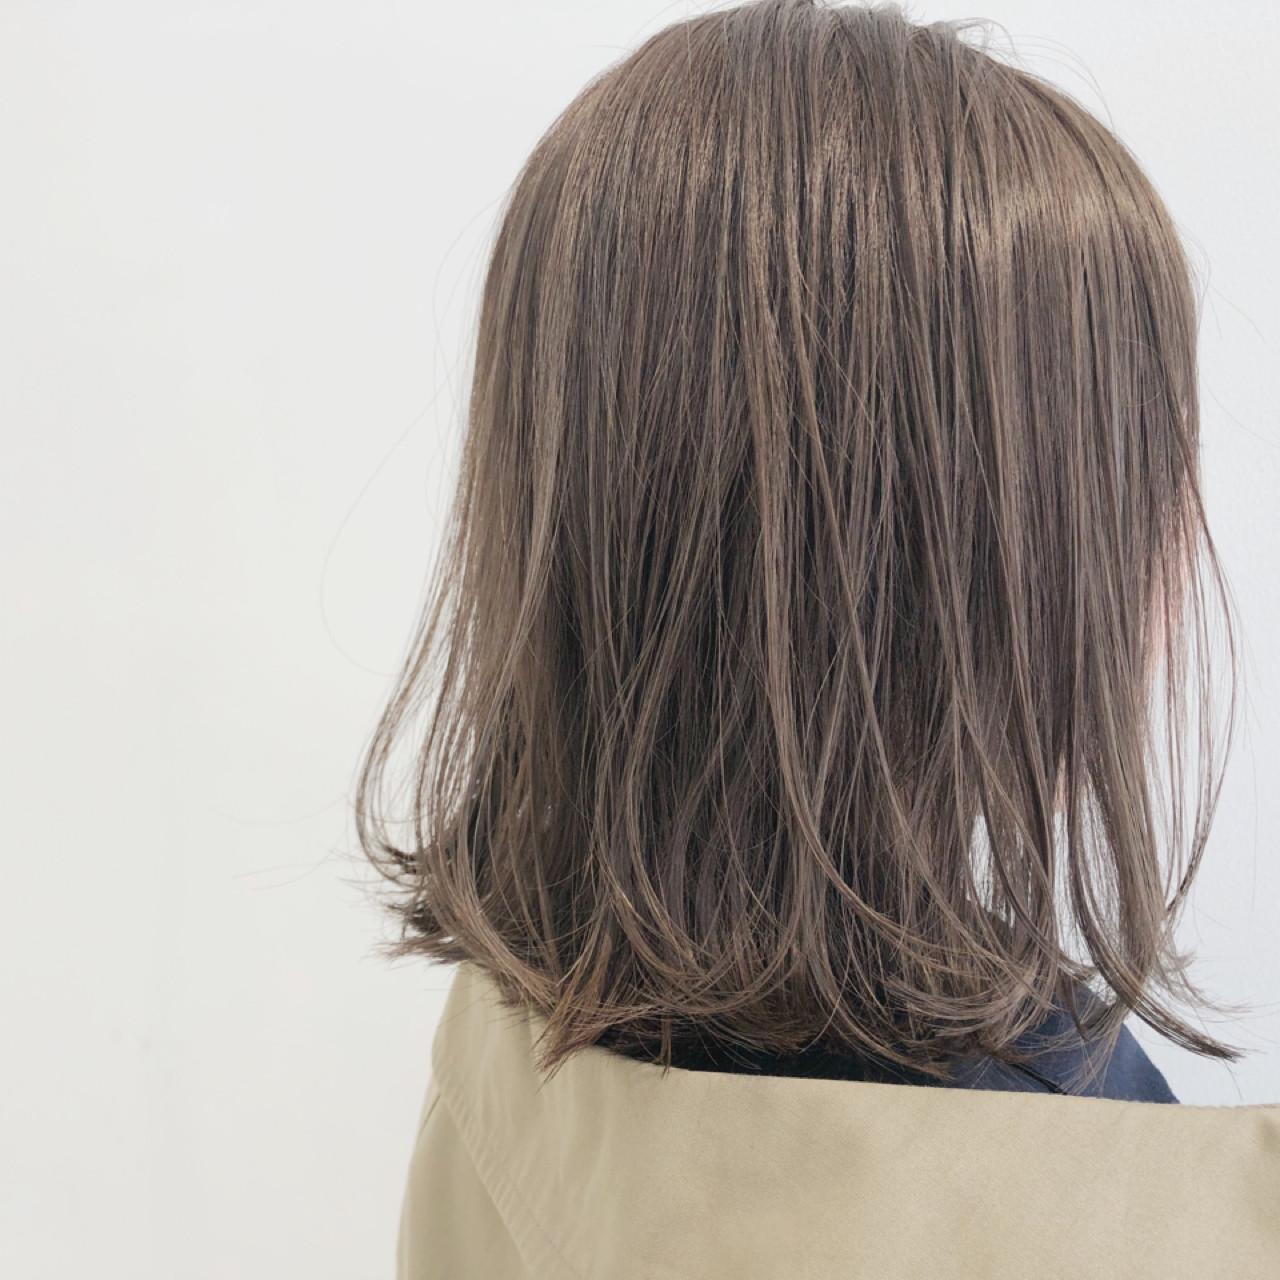 ブリーチなし ガーリー ロブ 透明感 ヘアスタイルや髪型の写真・画像 | 中島 潮里 / whyte / whyte